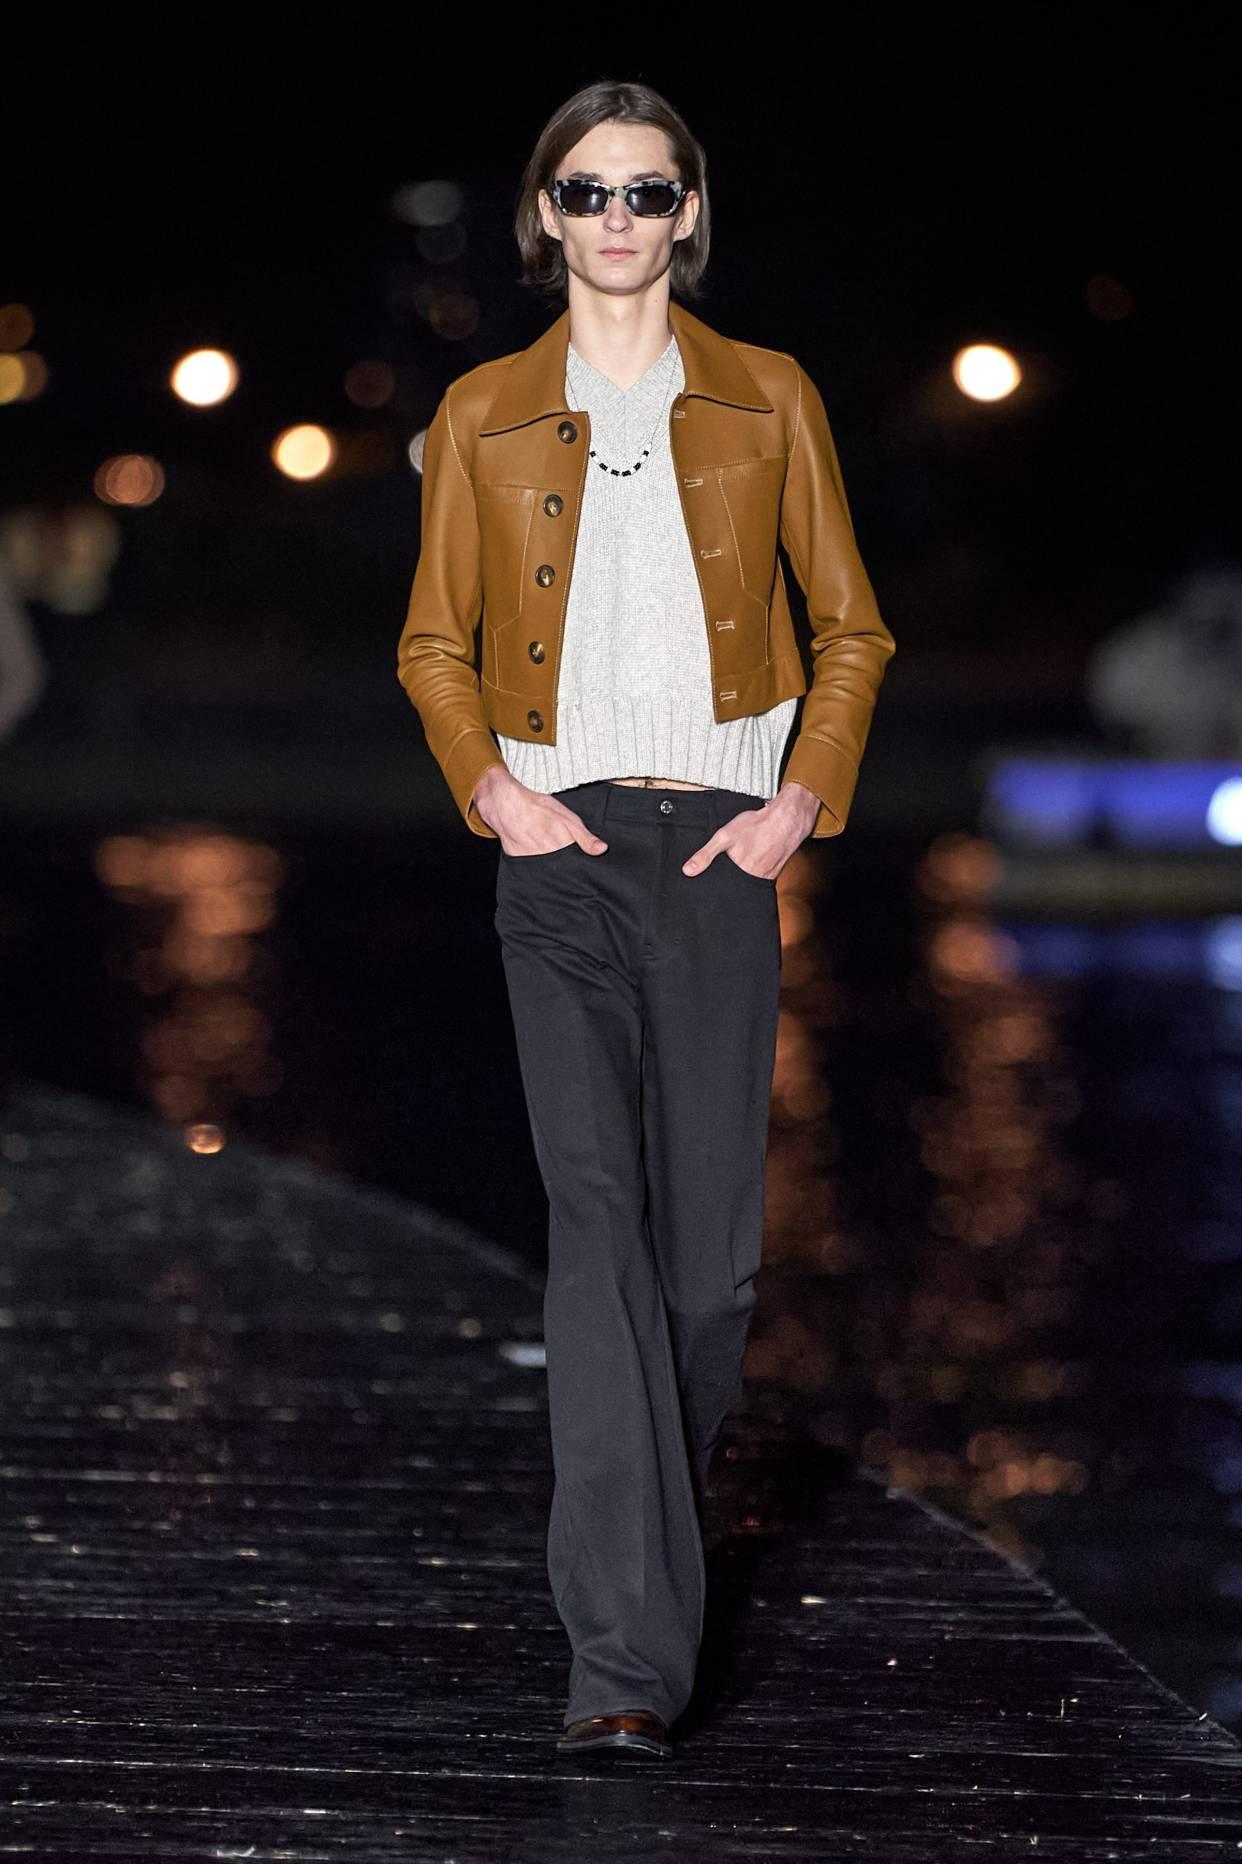 阿湯哥女兒15歲了! 沒有小時候美,皮夾克搭配T卹約會時尚個性